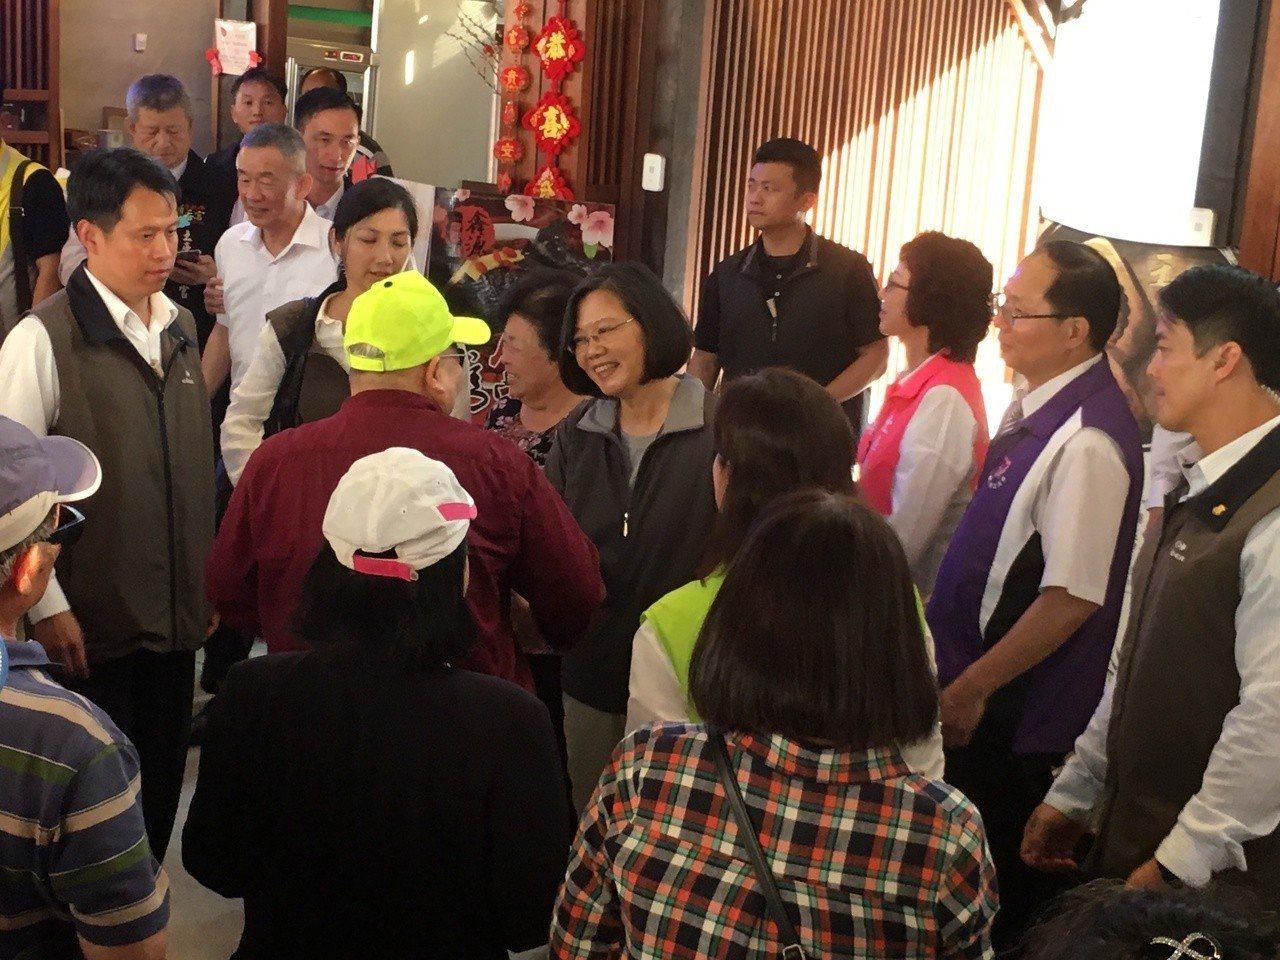 總統蔡英文今天下午到雲林土庫鎮與民座談,受到民眾熱情歡迎。記者陳雅玲/攝影